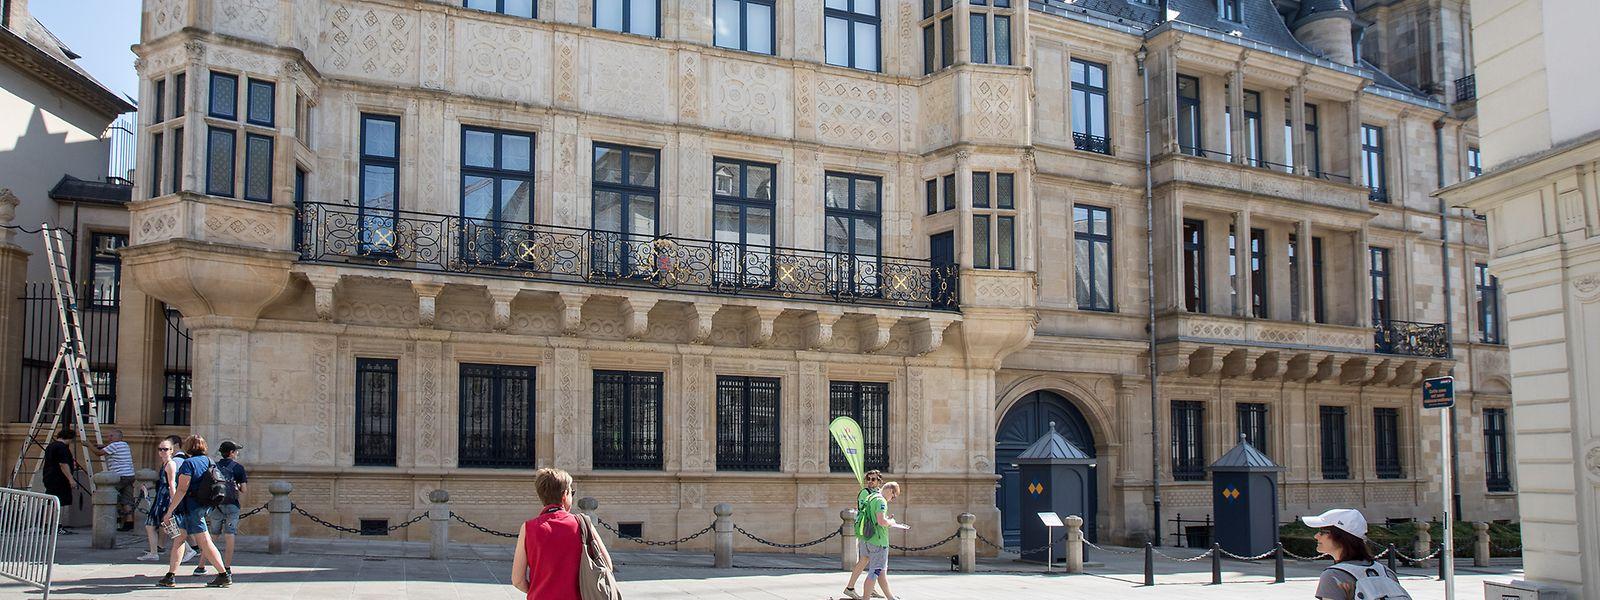 Demnächst sollen zwei Sonderberater für die Umsetzung der von Jeannot Waringo geforderten Reformen am großherzoglichen Hof sorgen.